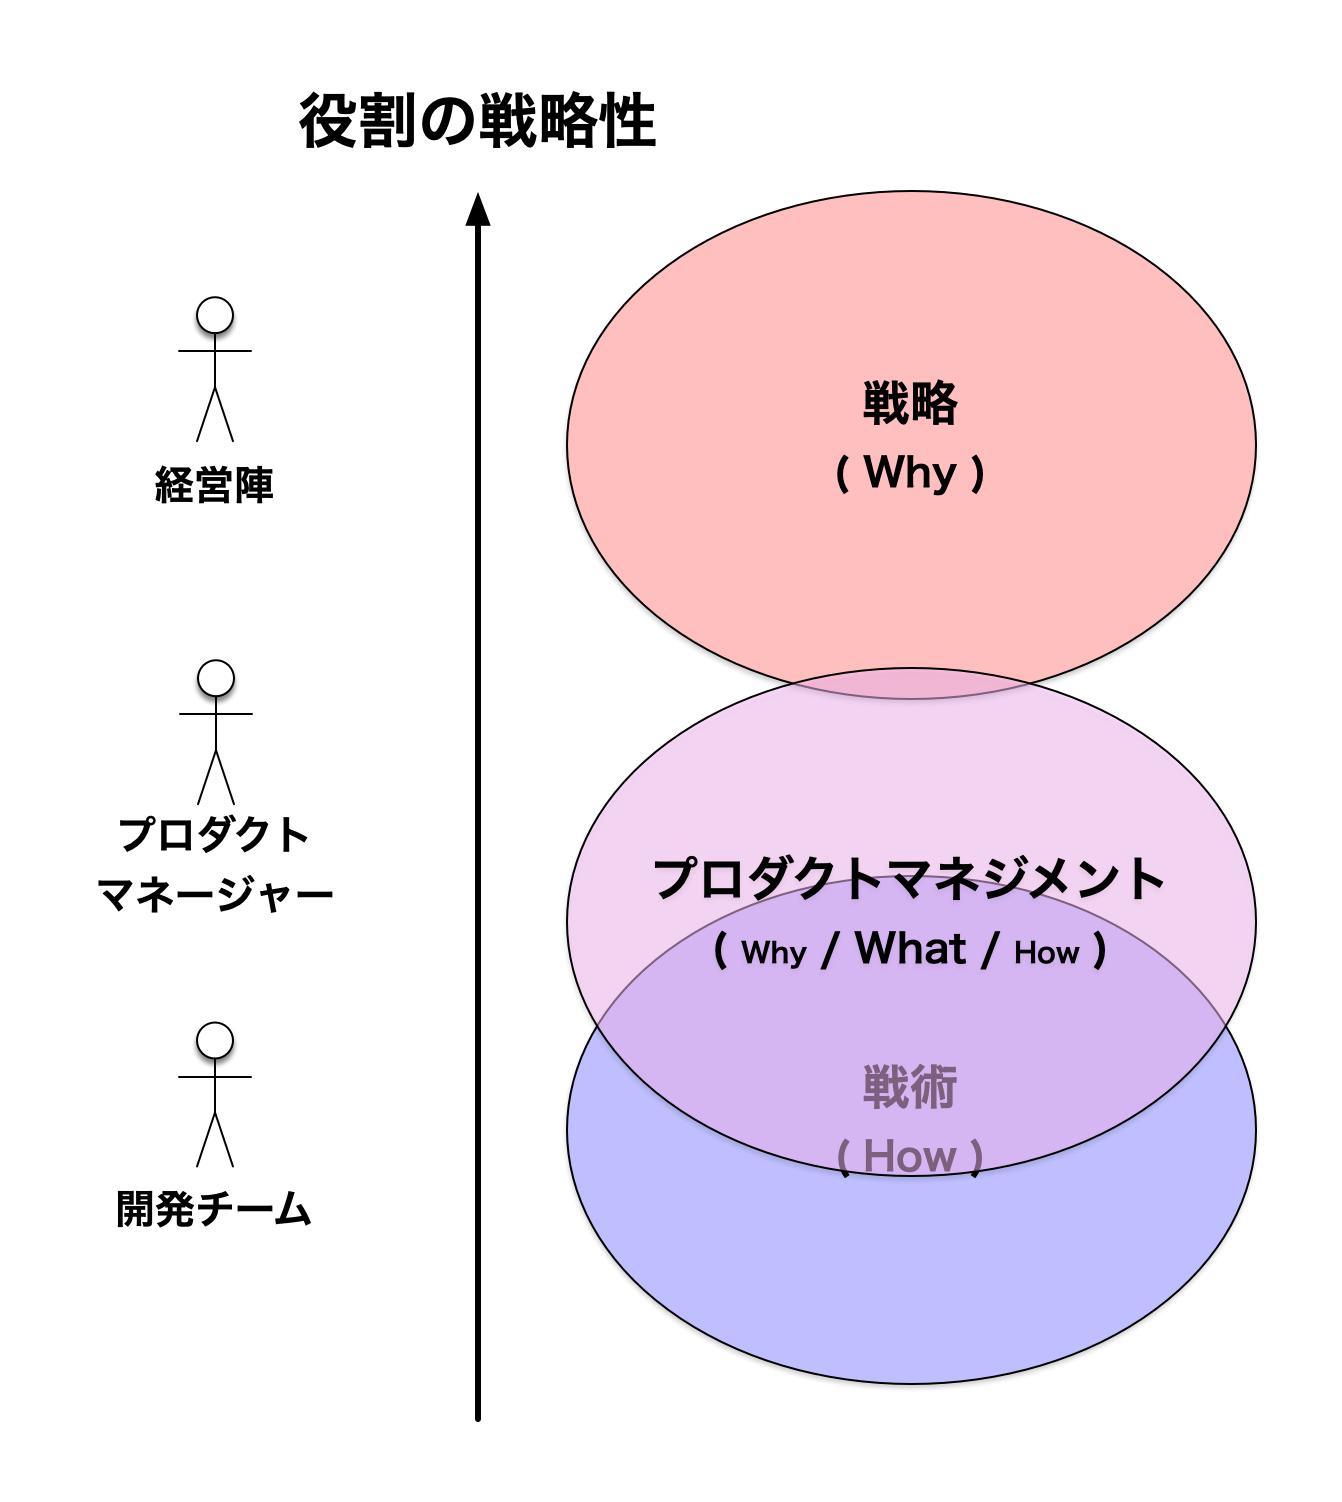 役割の戦略性 - 戦術寄りのプロダクトマネジメント